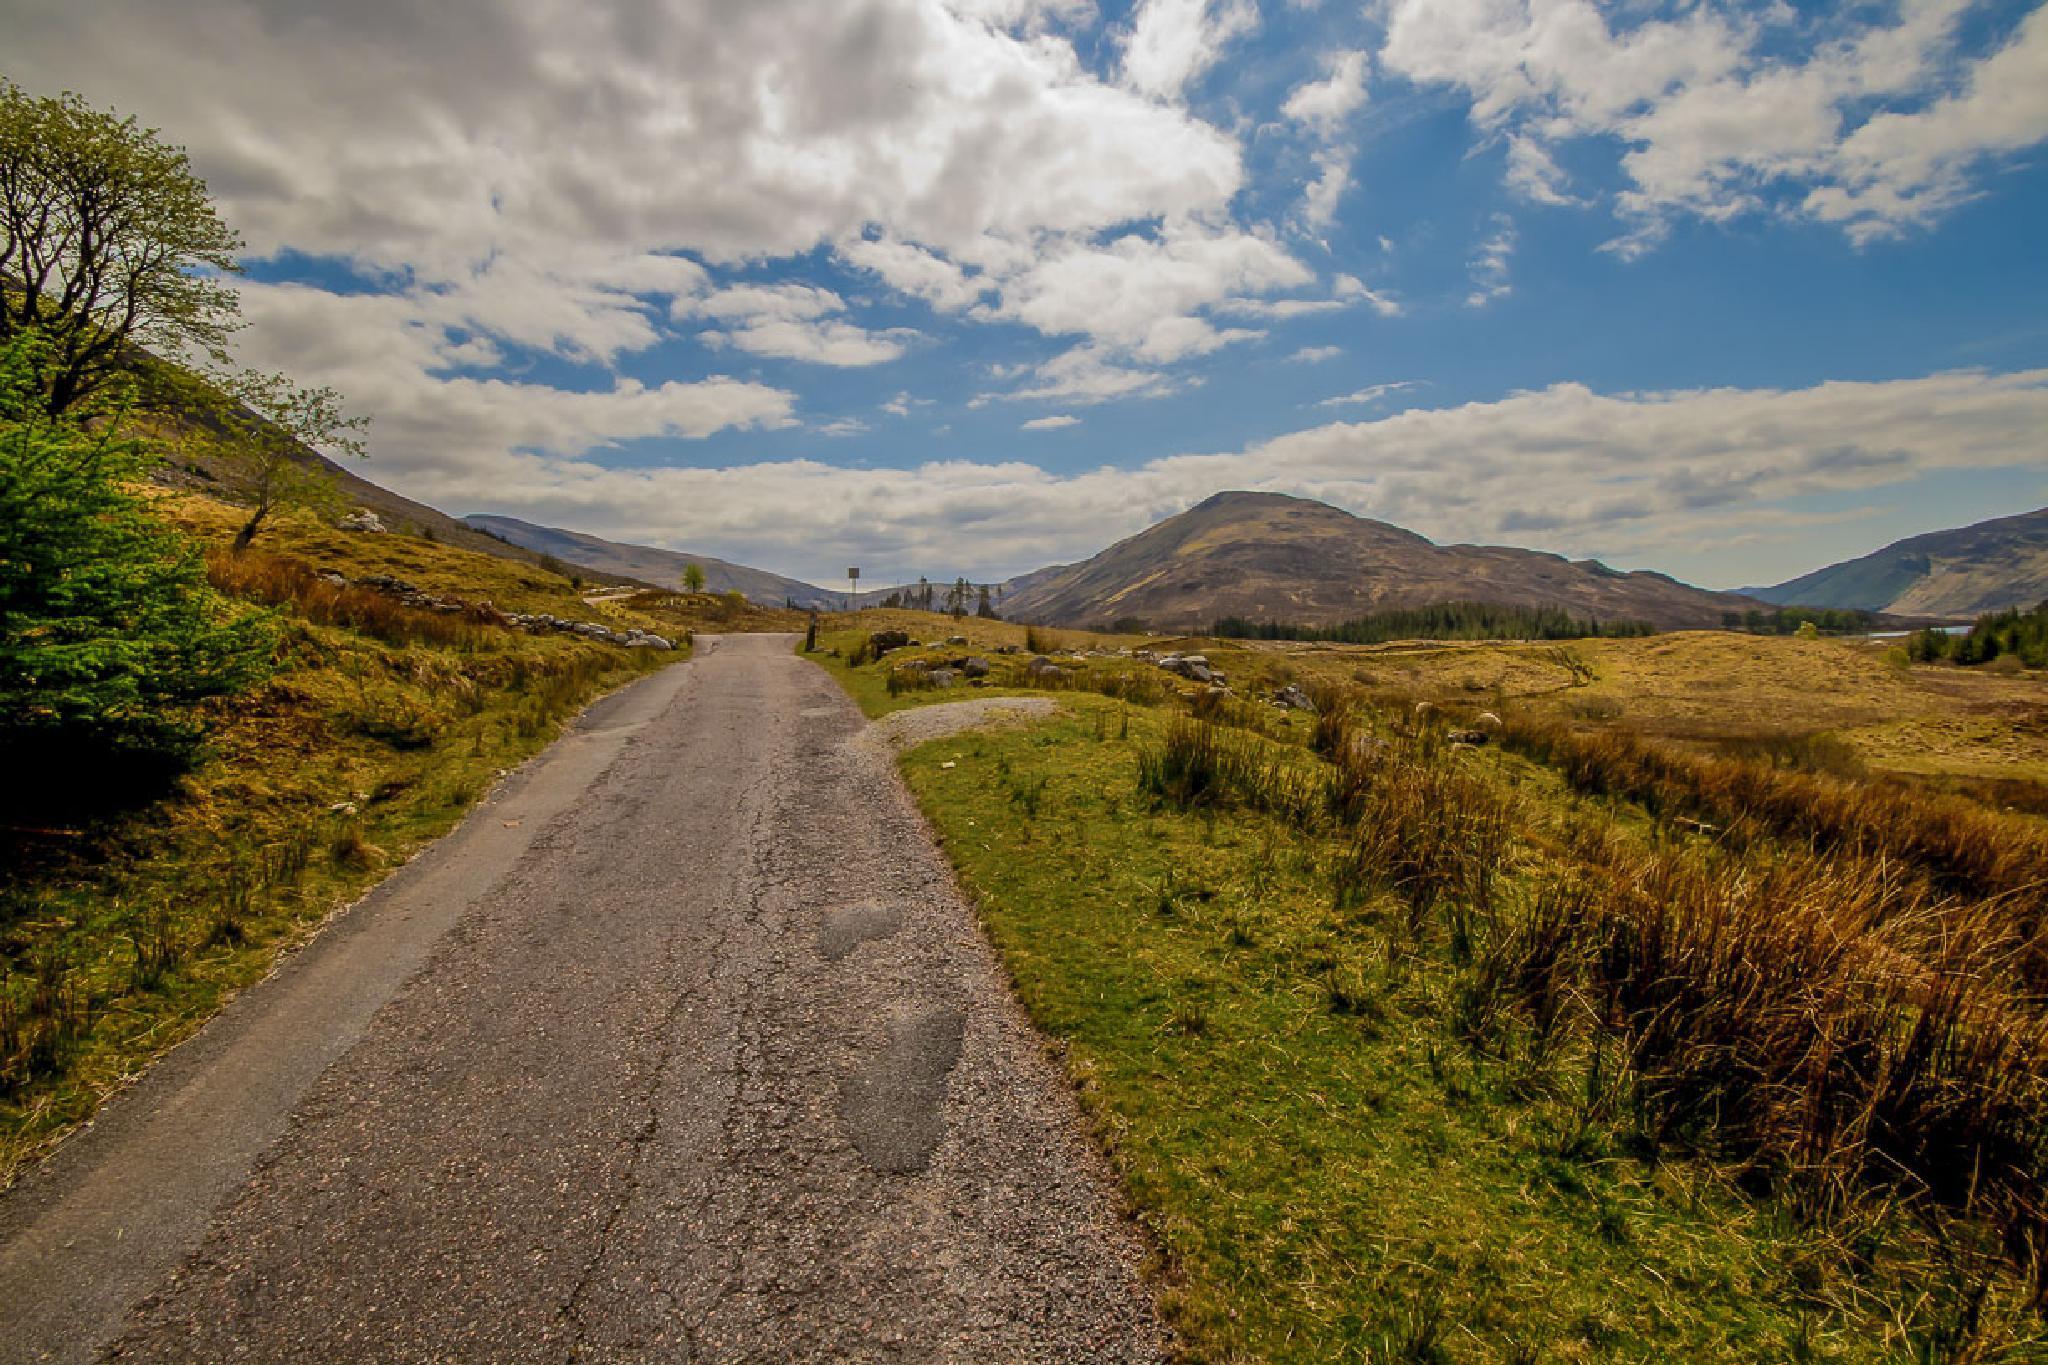 Highlands-69 by Oliver Kluwe